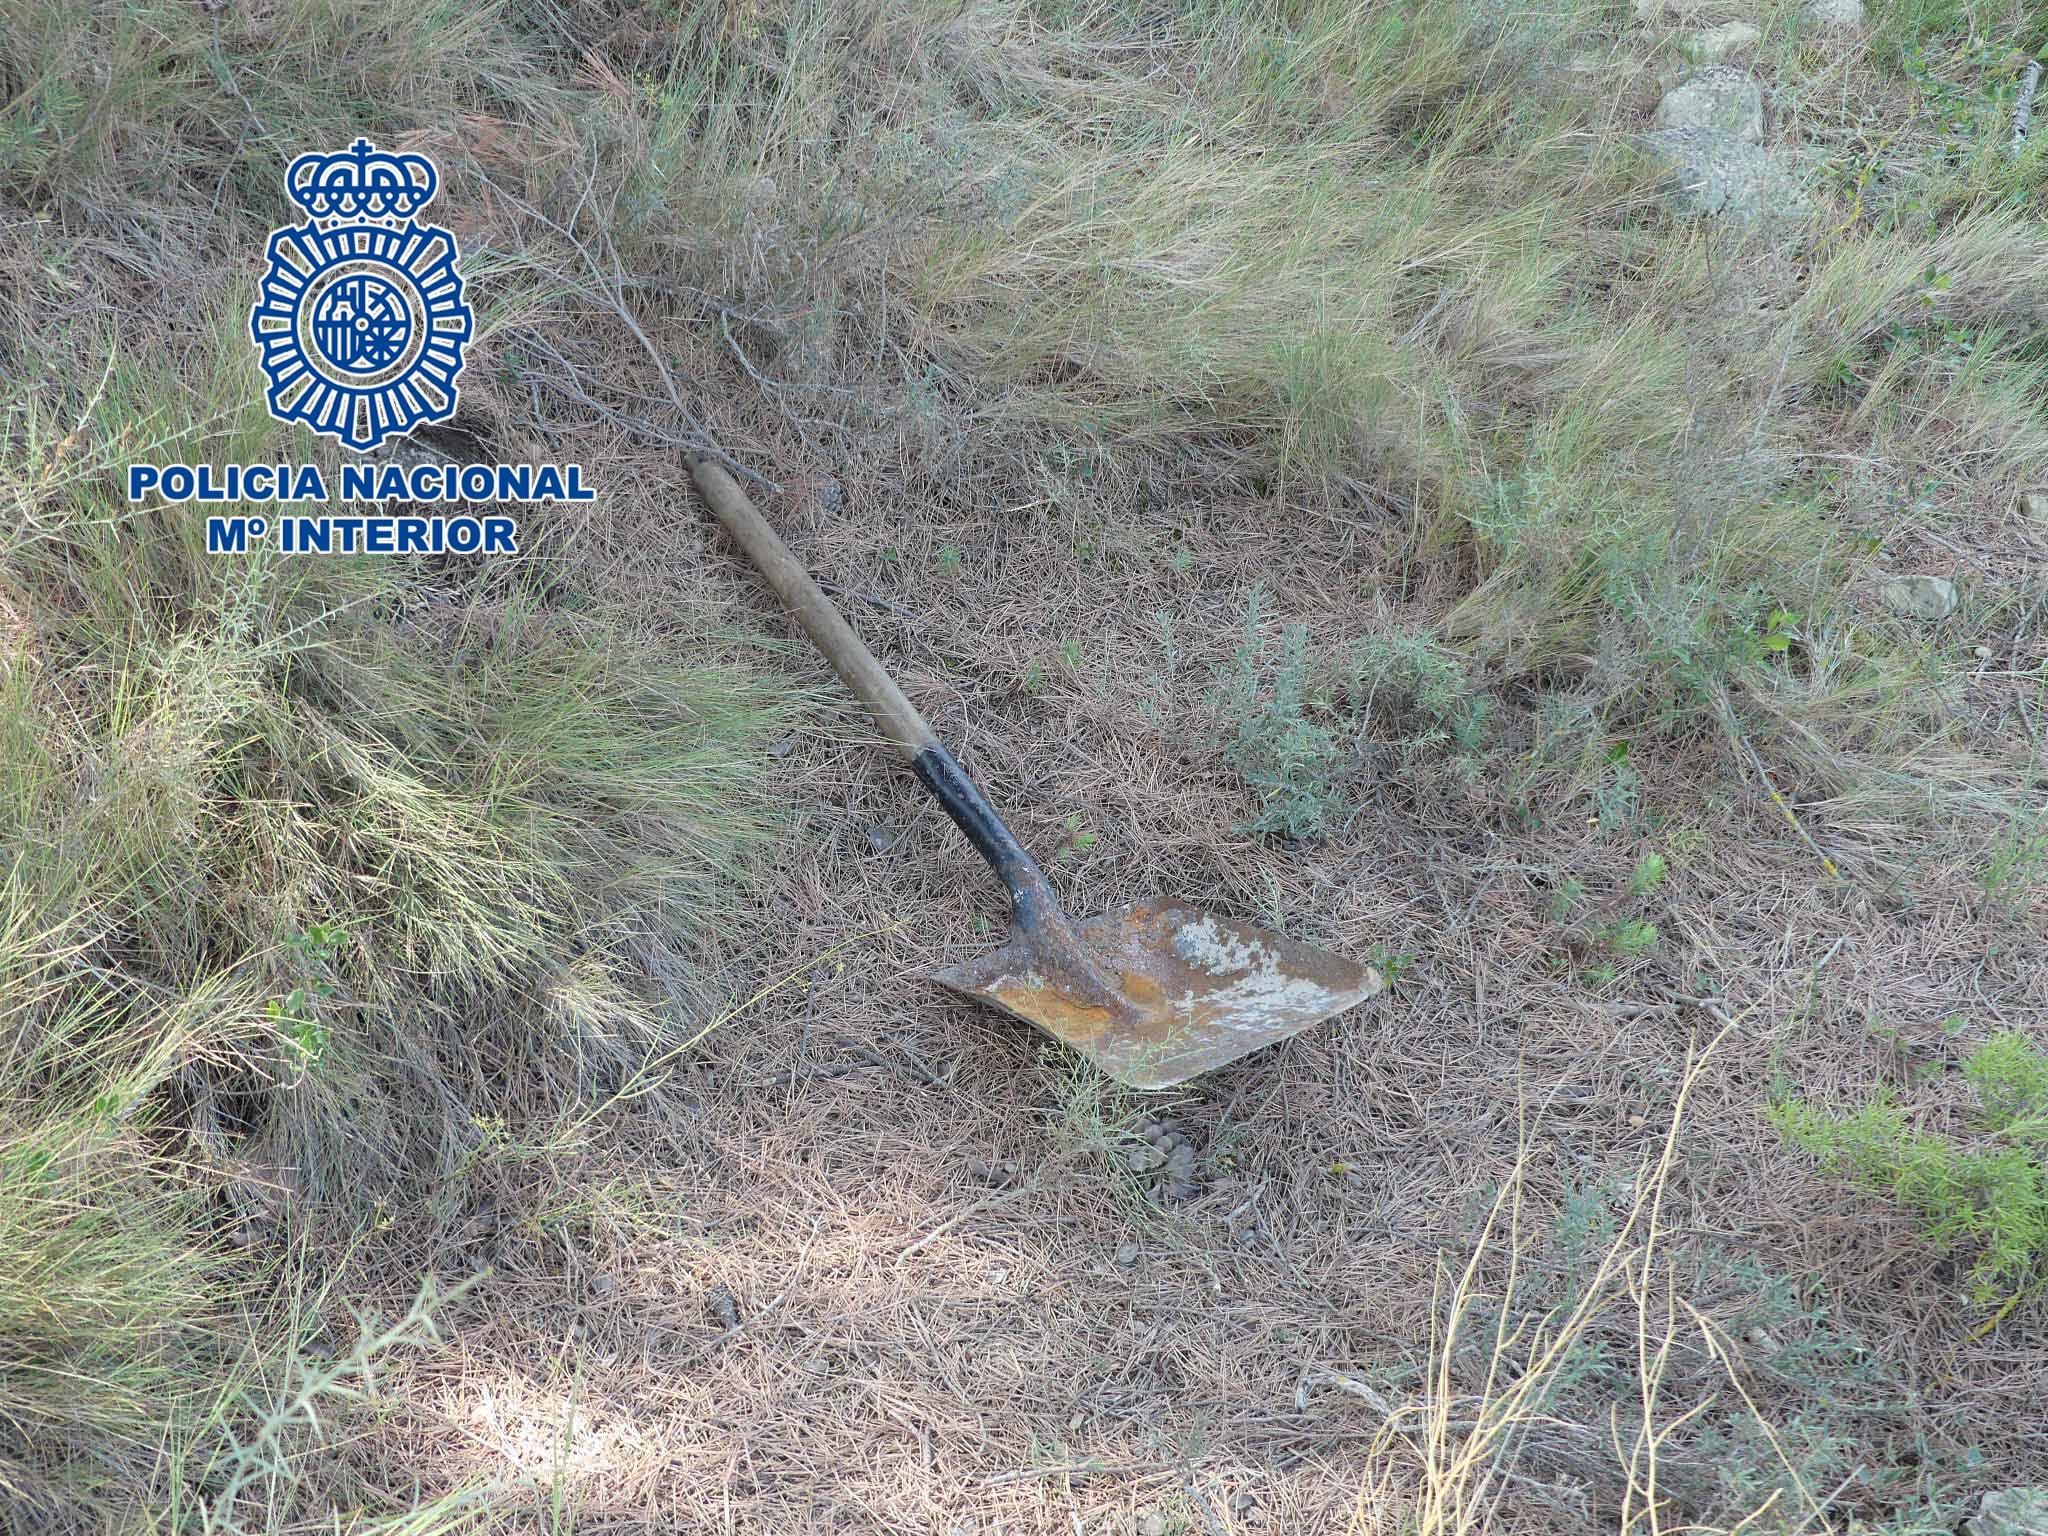 La Policía esclarece un delito de maltrato animal realizado por tres varones en El Cortijo 1